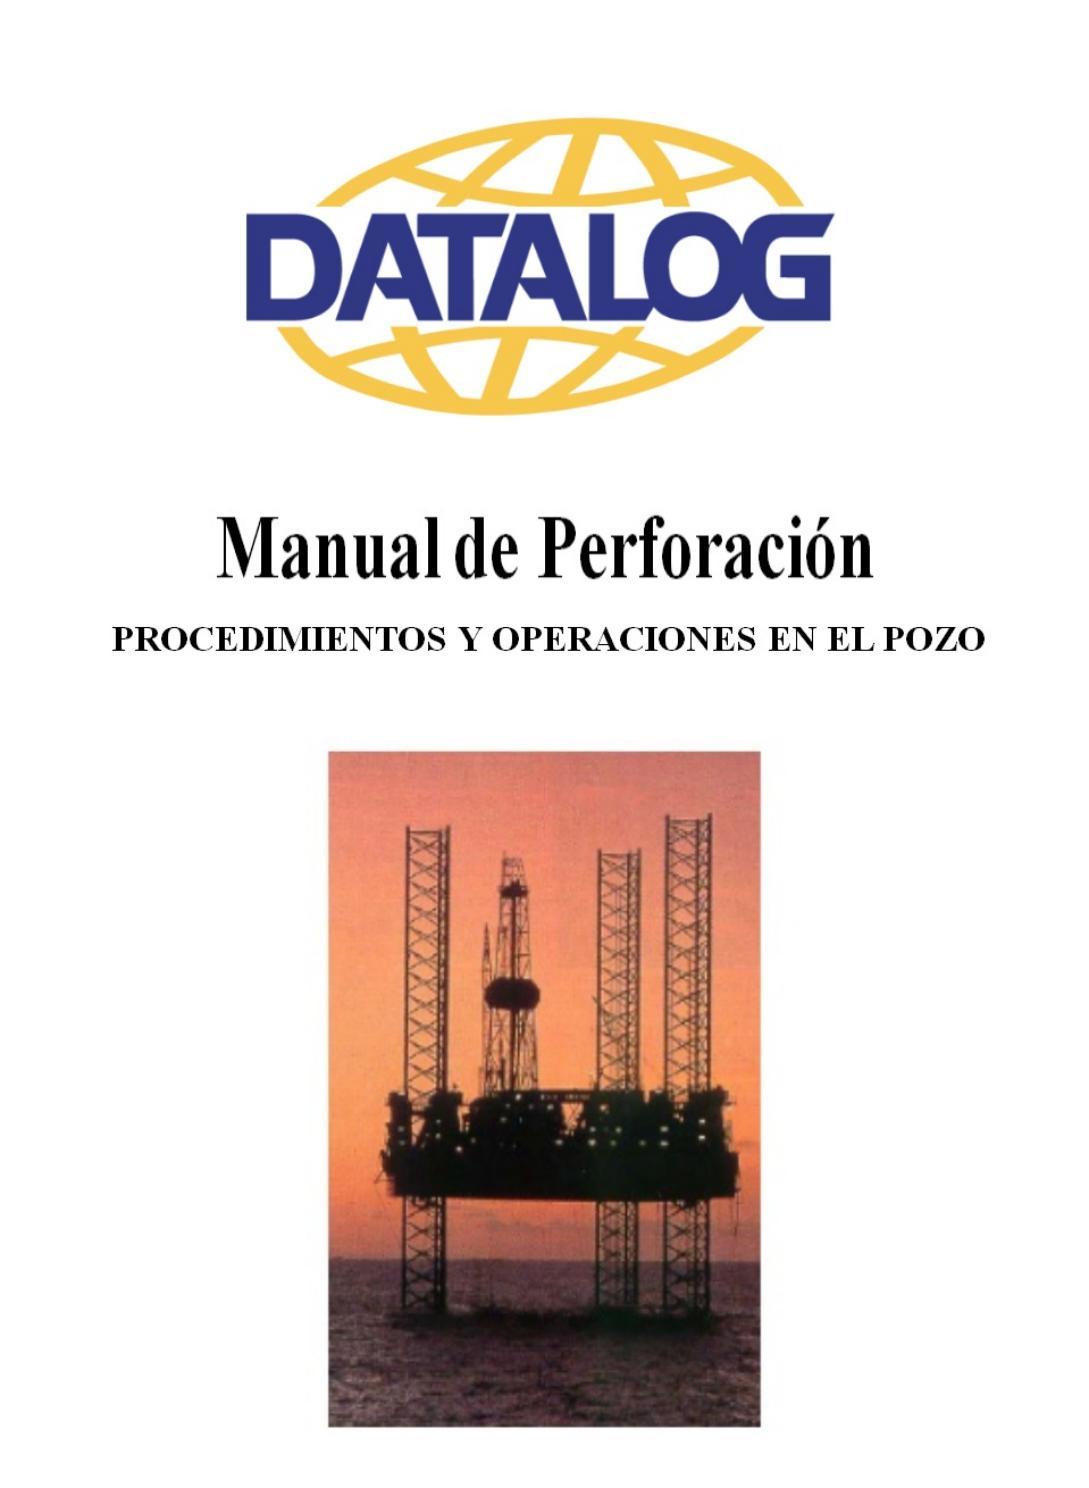 Válvula de limitación de presión de torre hasta 7.5 L